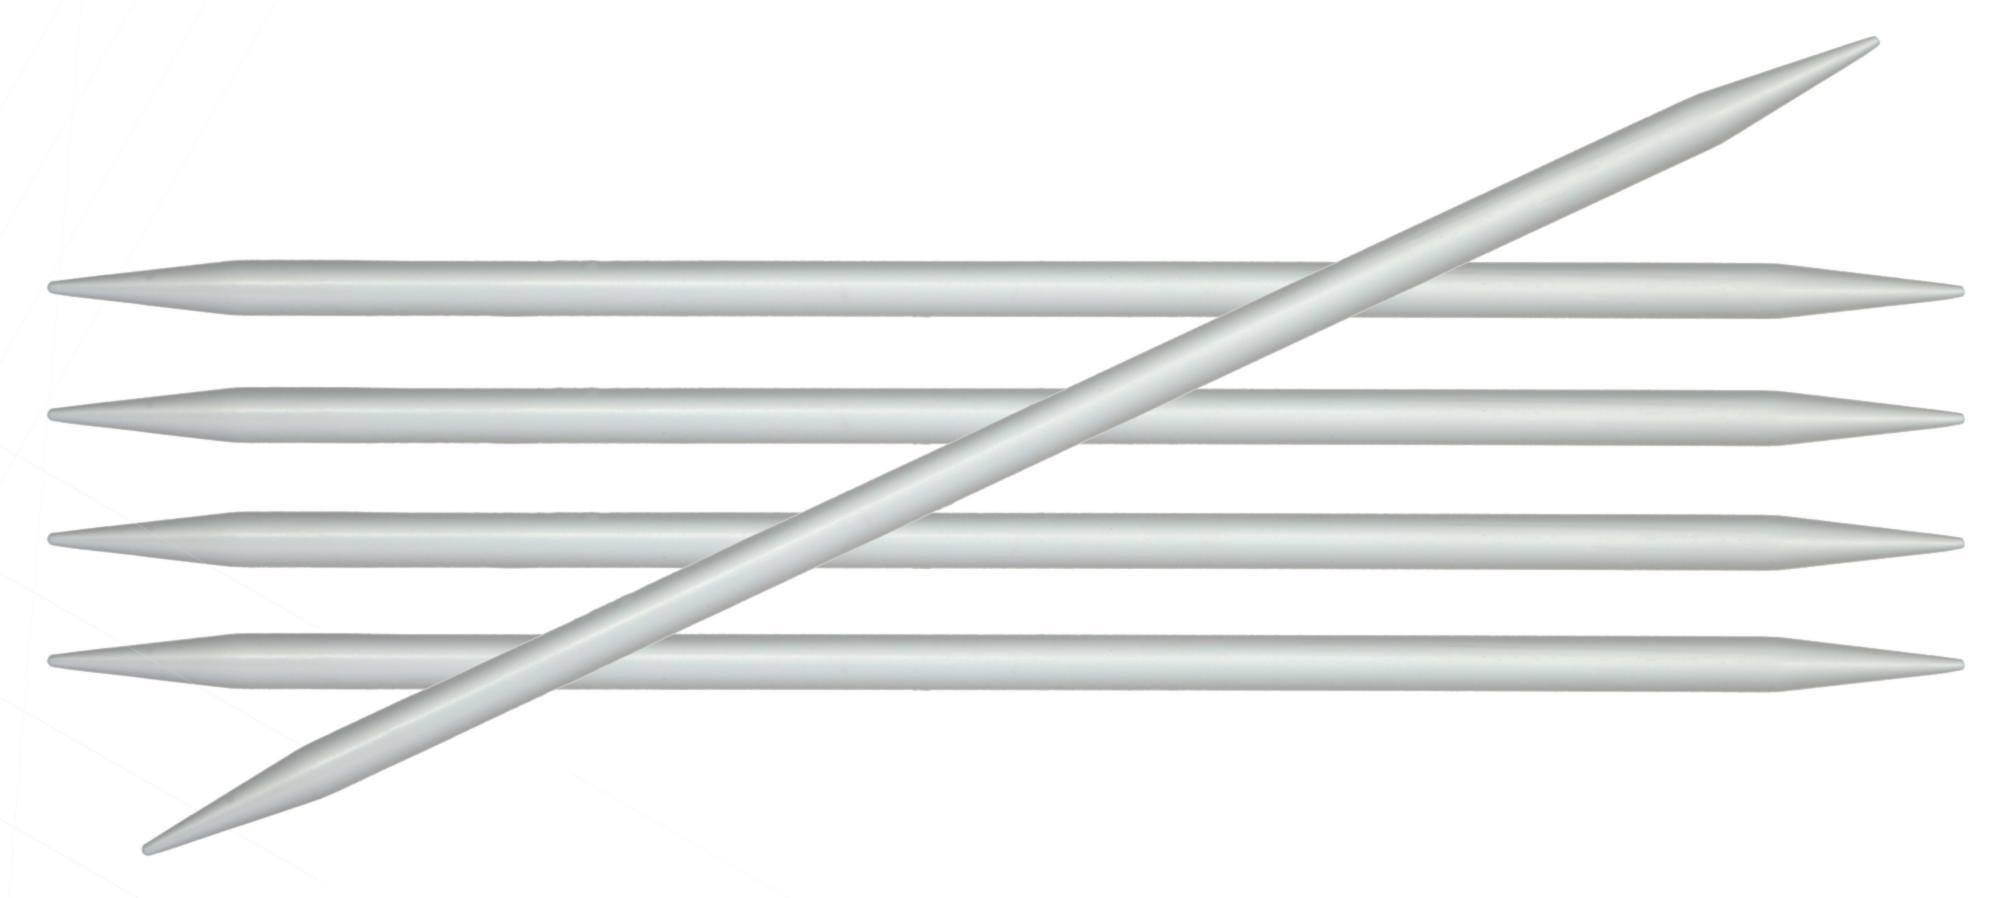 Спицы носочные 20 см Basix Aluminium KnitPro, 45113, 3.00 мм